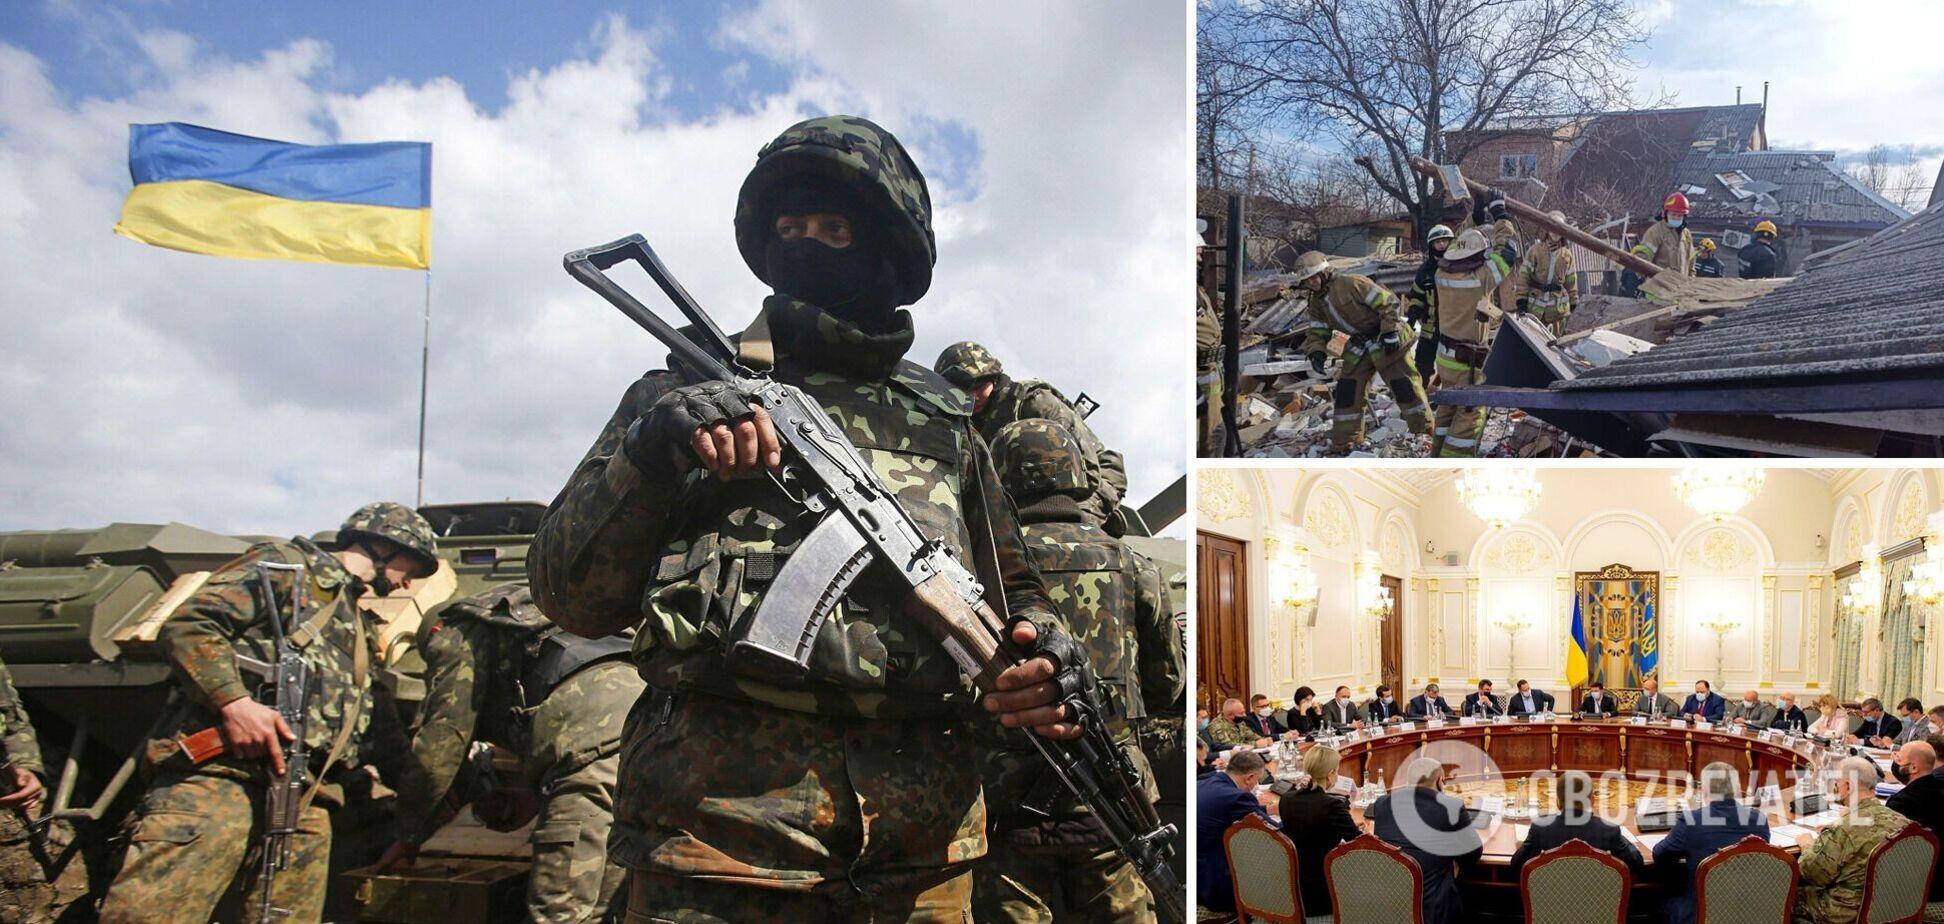 Новости Украины: в Киеве прогремел взрыв, а на Донбассе погиб воин ВСУ